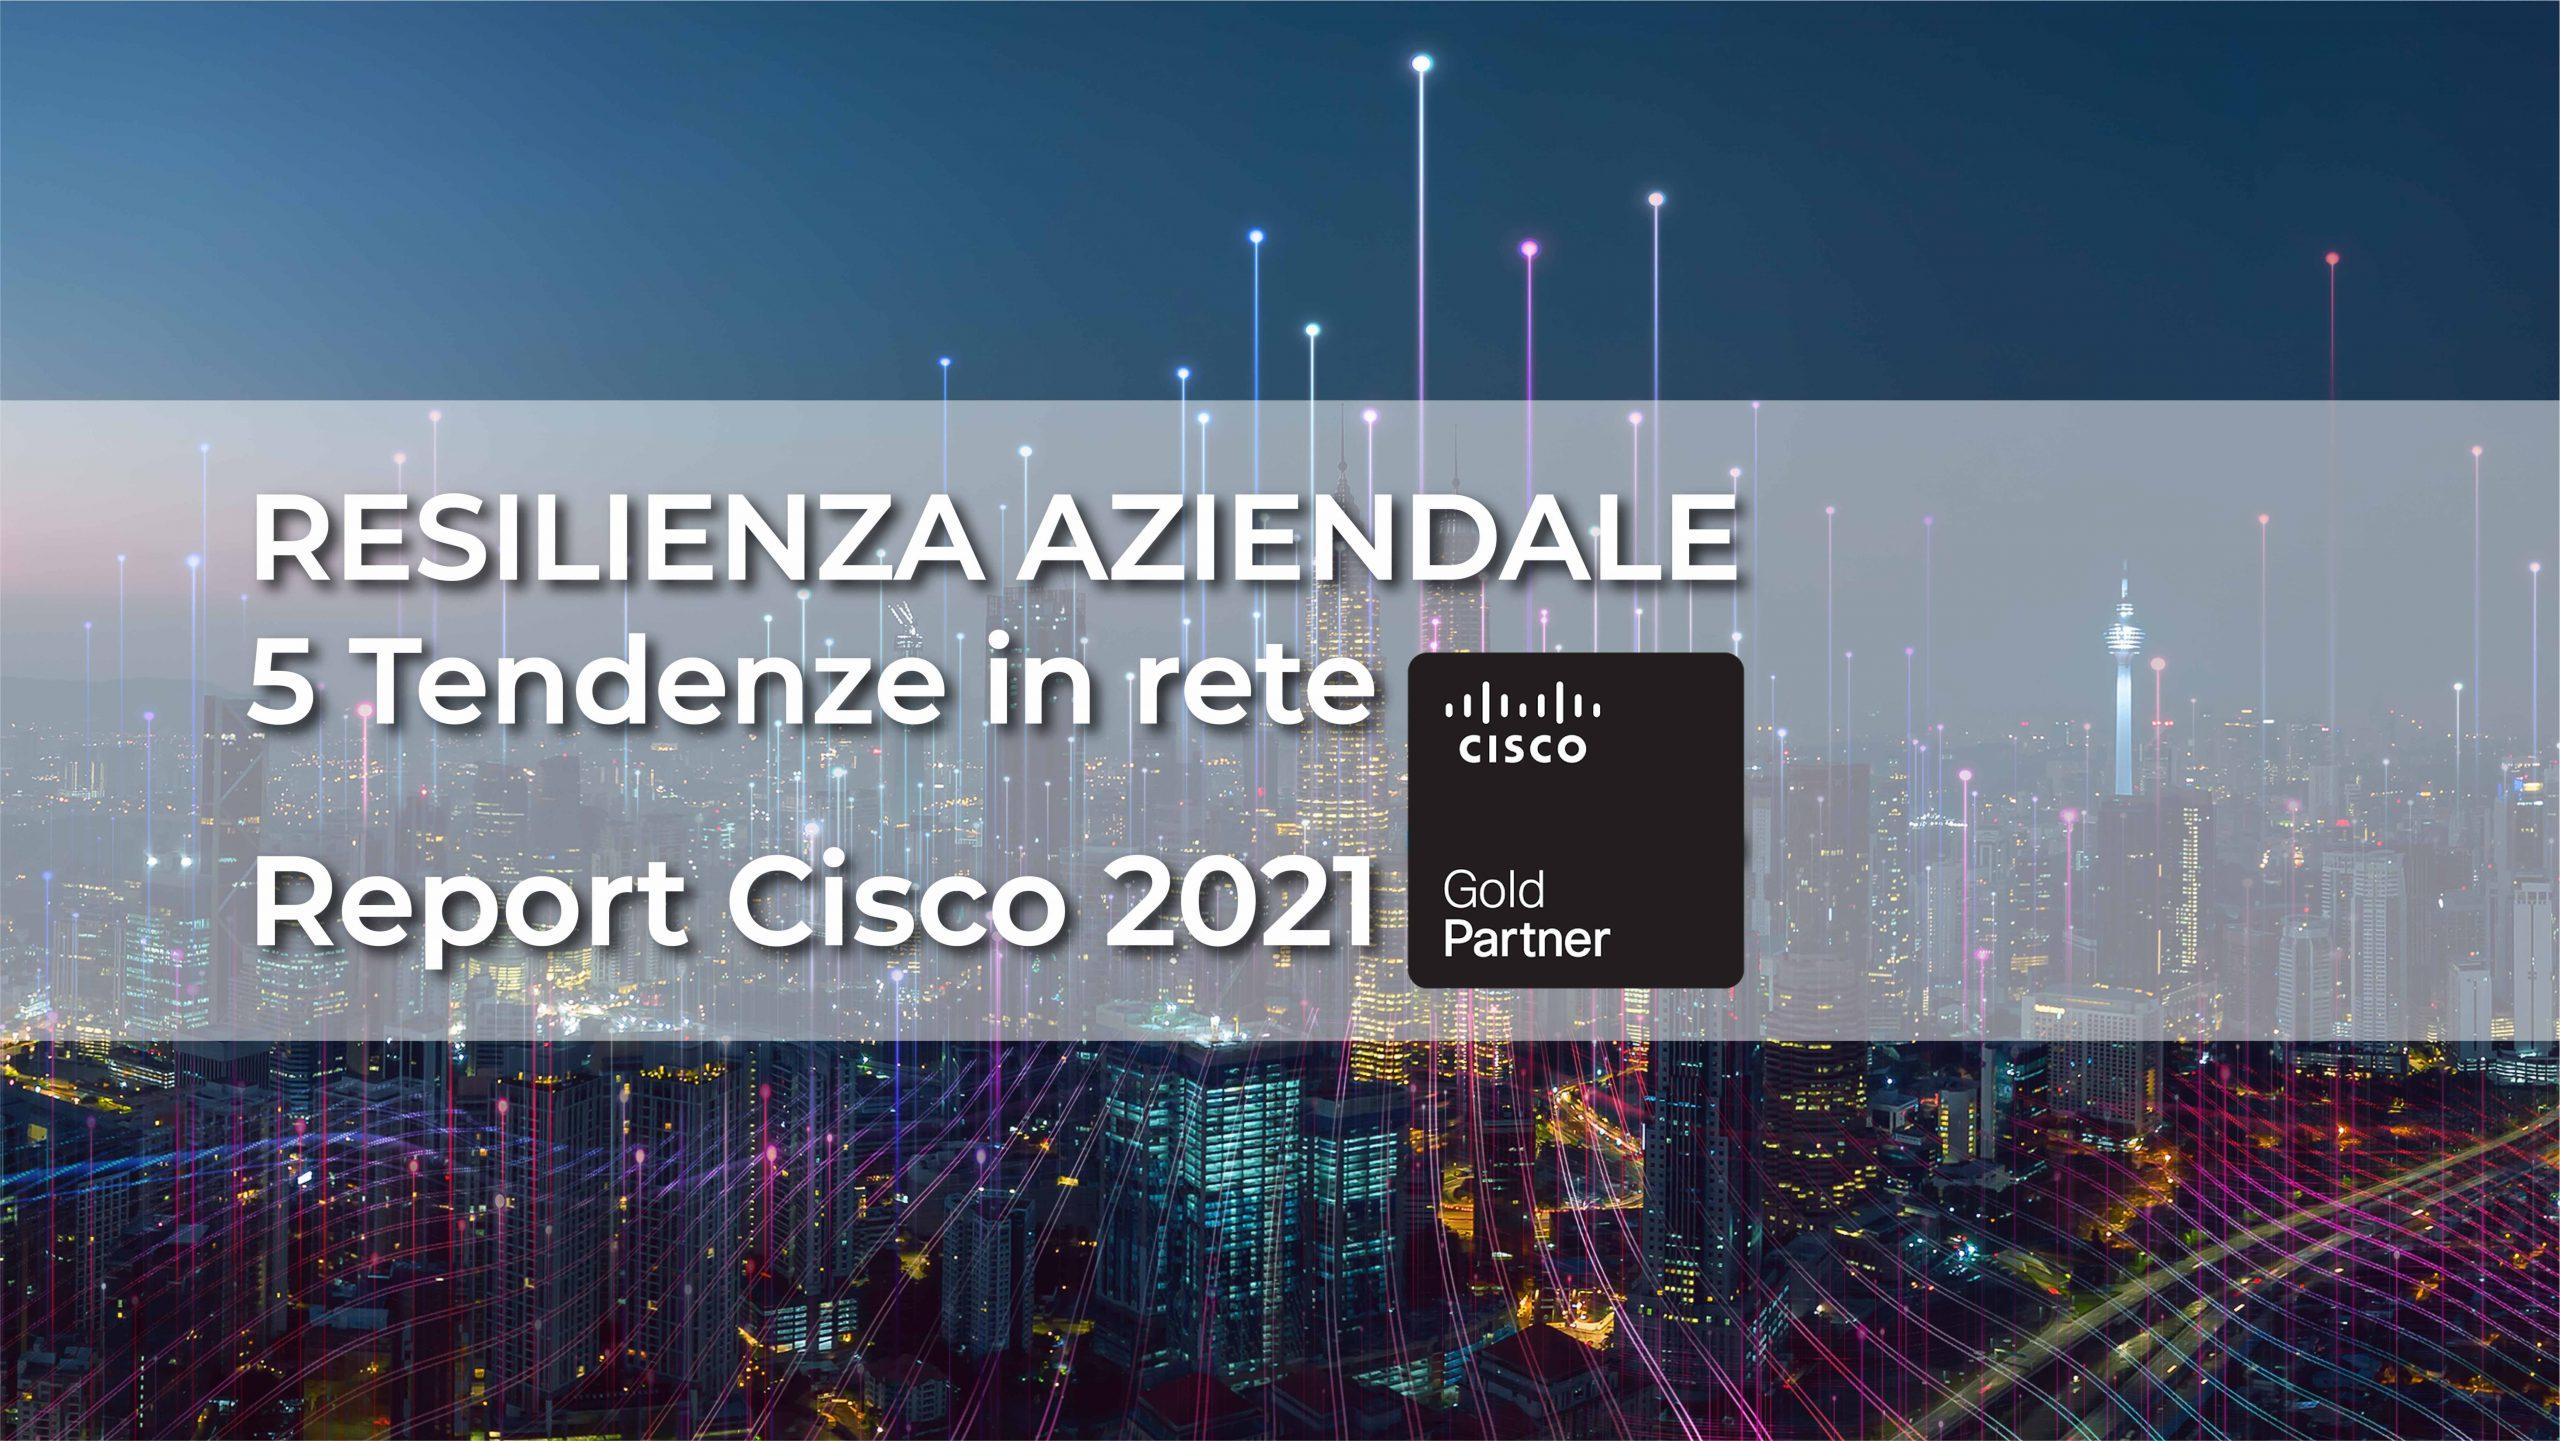 Resilienza aziendale, 5 tendenze in rete: il report Cisco 2021